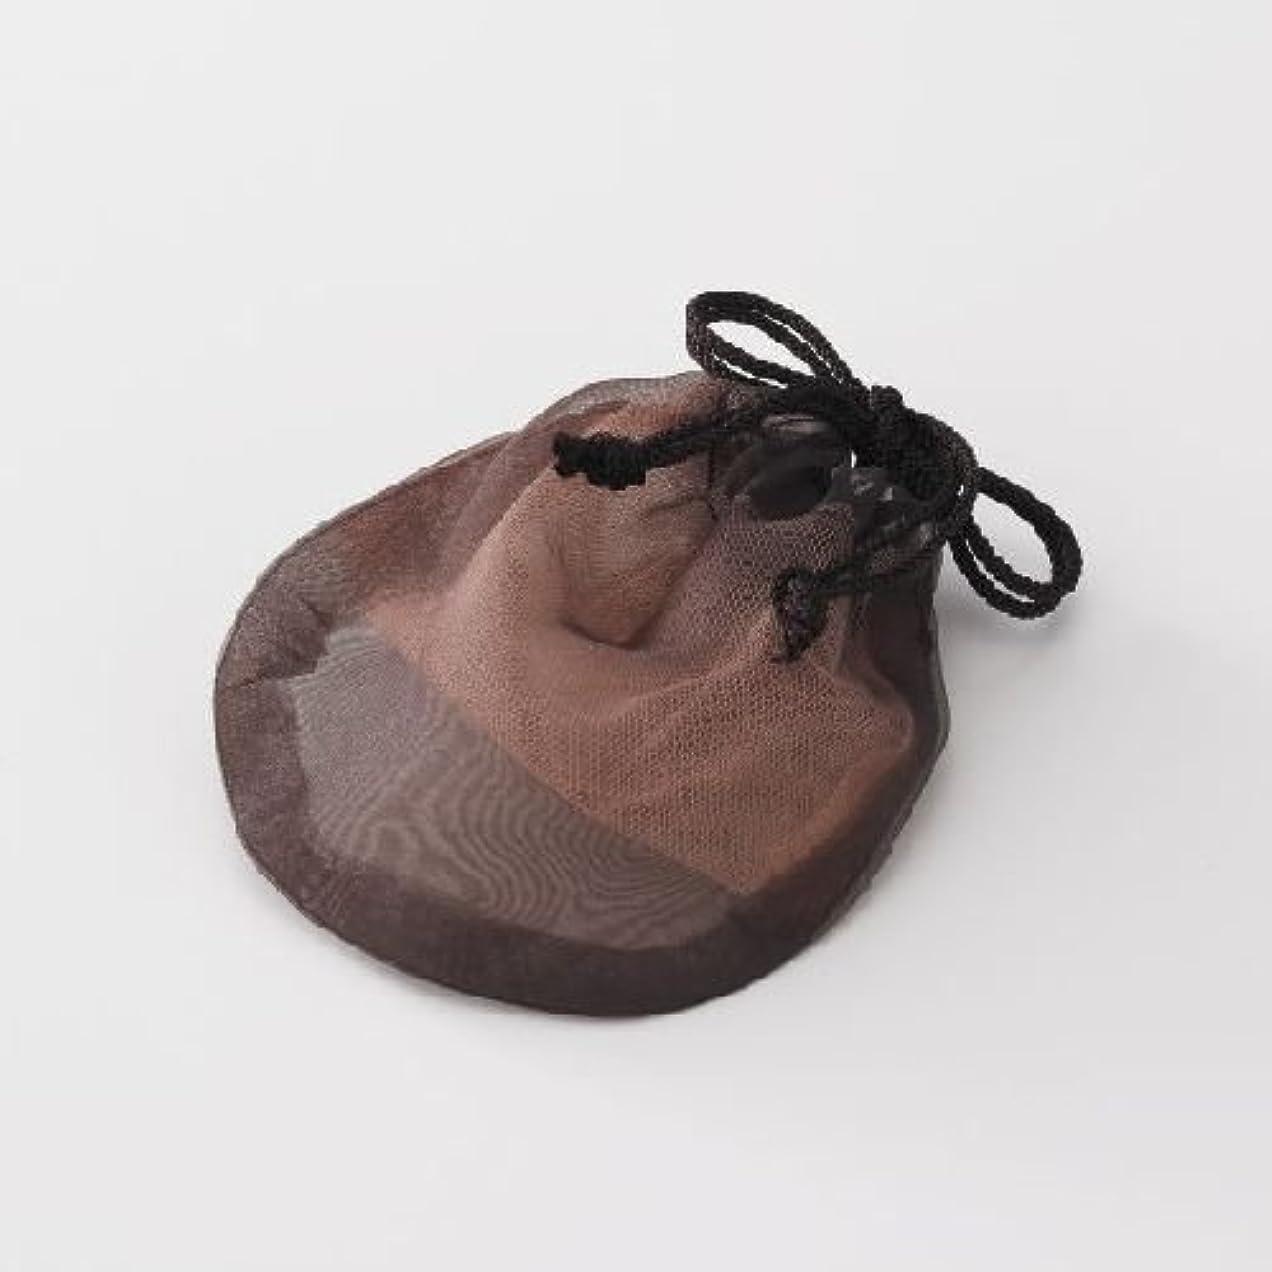 トレーダーアヒル冗長ピギーバックス ソープネット 瞬時にマシュマロのようなお肌に負担をかけないキメ細かな泡をつくることができるオシャレなポーチ型オリジナル【泡だてネット】!衛生的に固形石鹸の保存もできます。